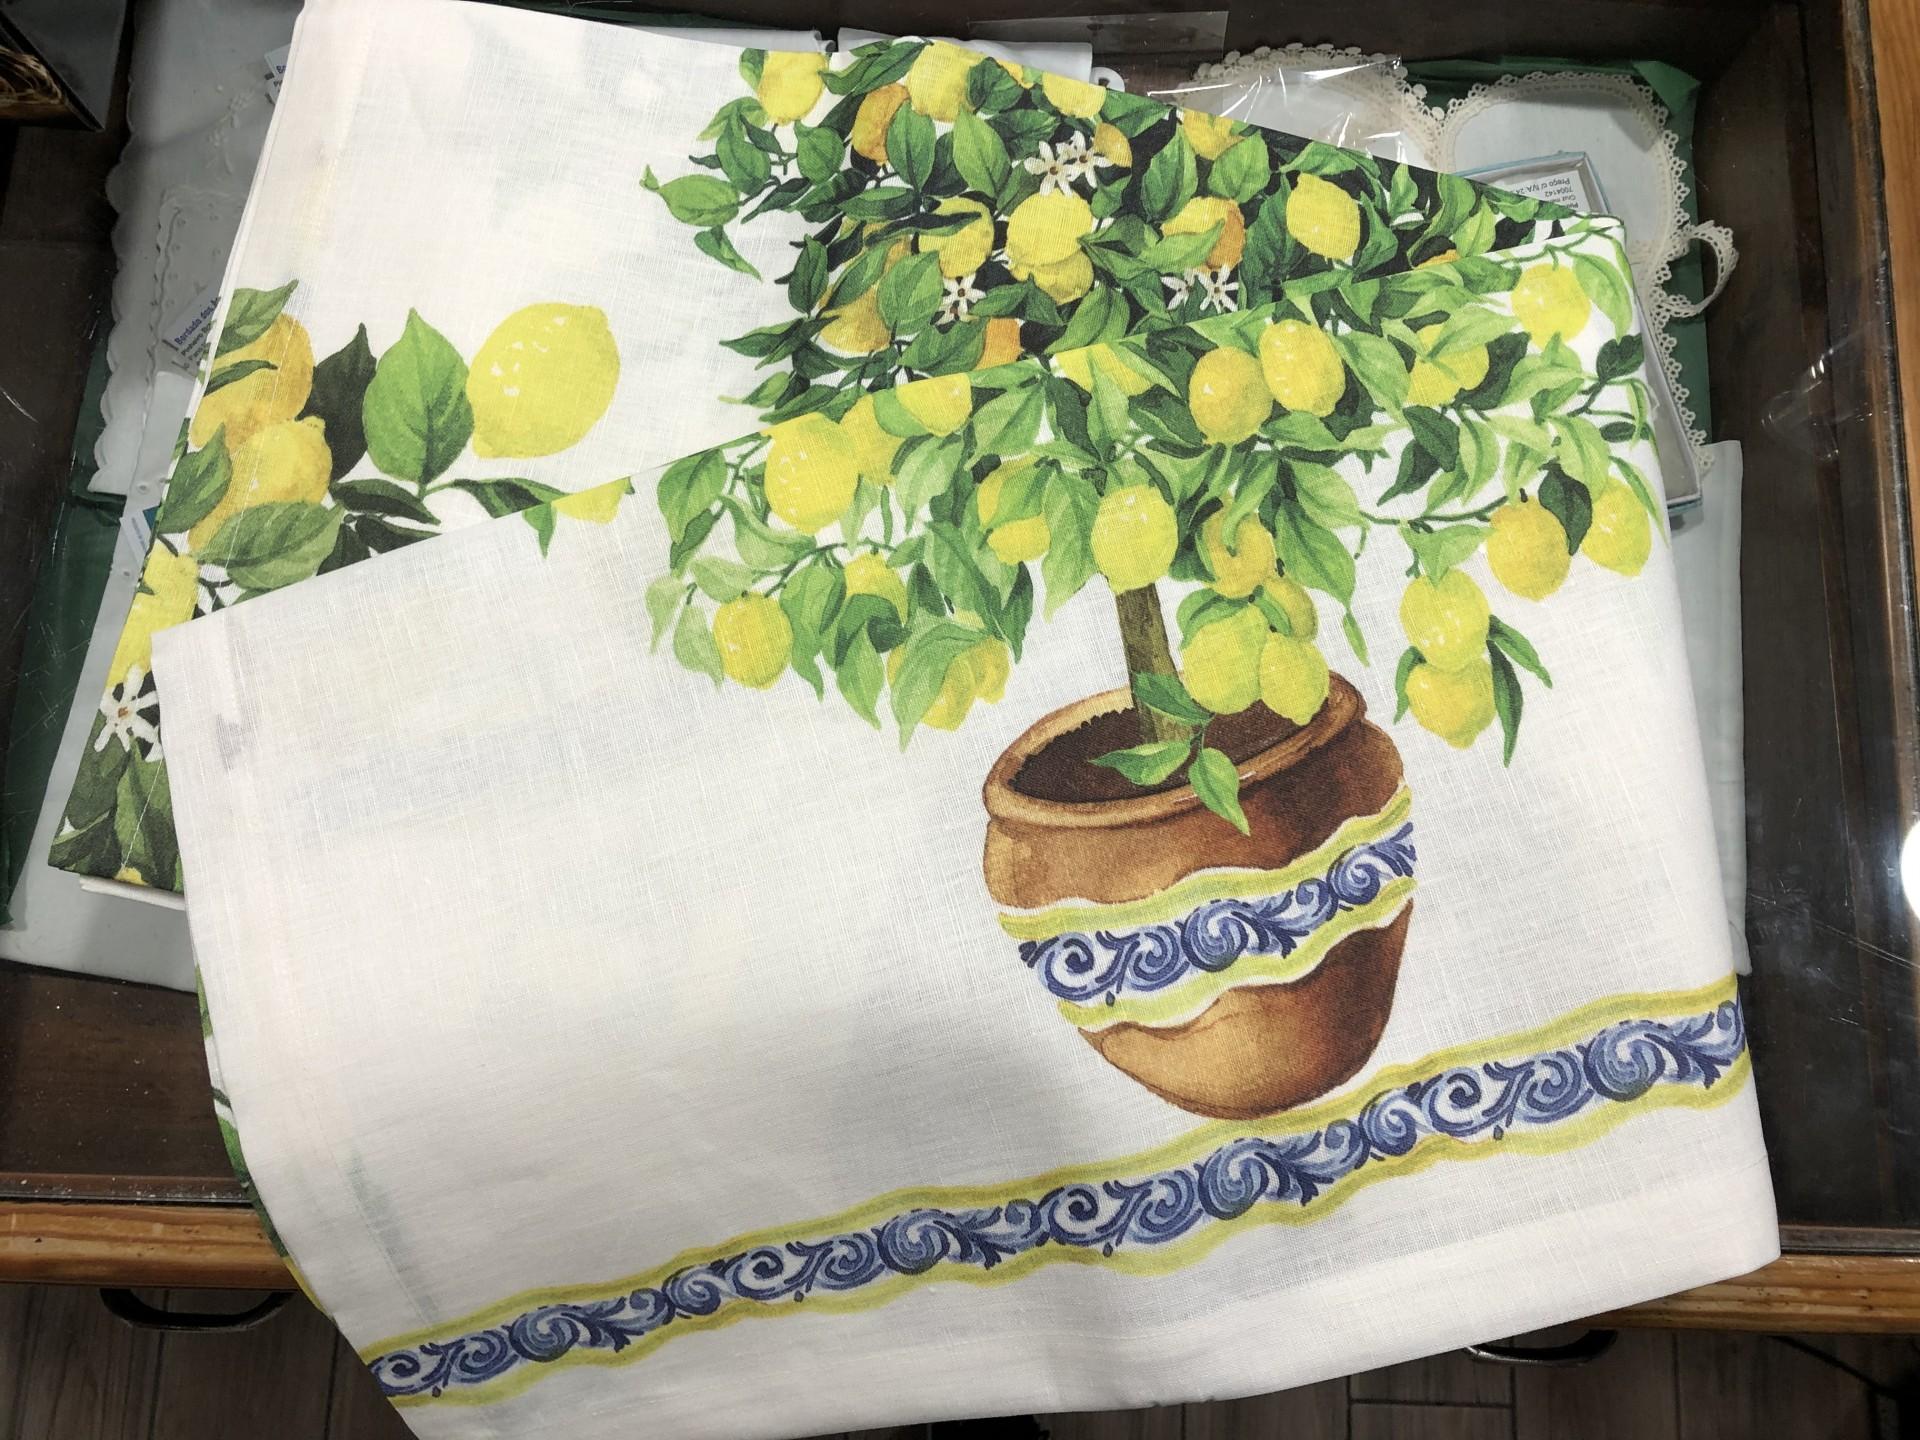 Toalha de mesa Tessitura 100% linho Limões 2.70x1.70